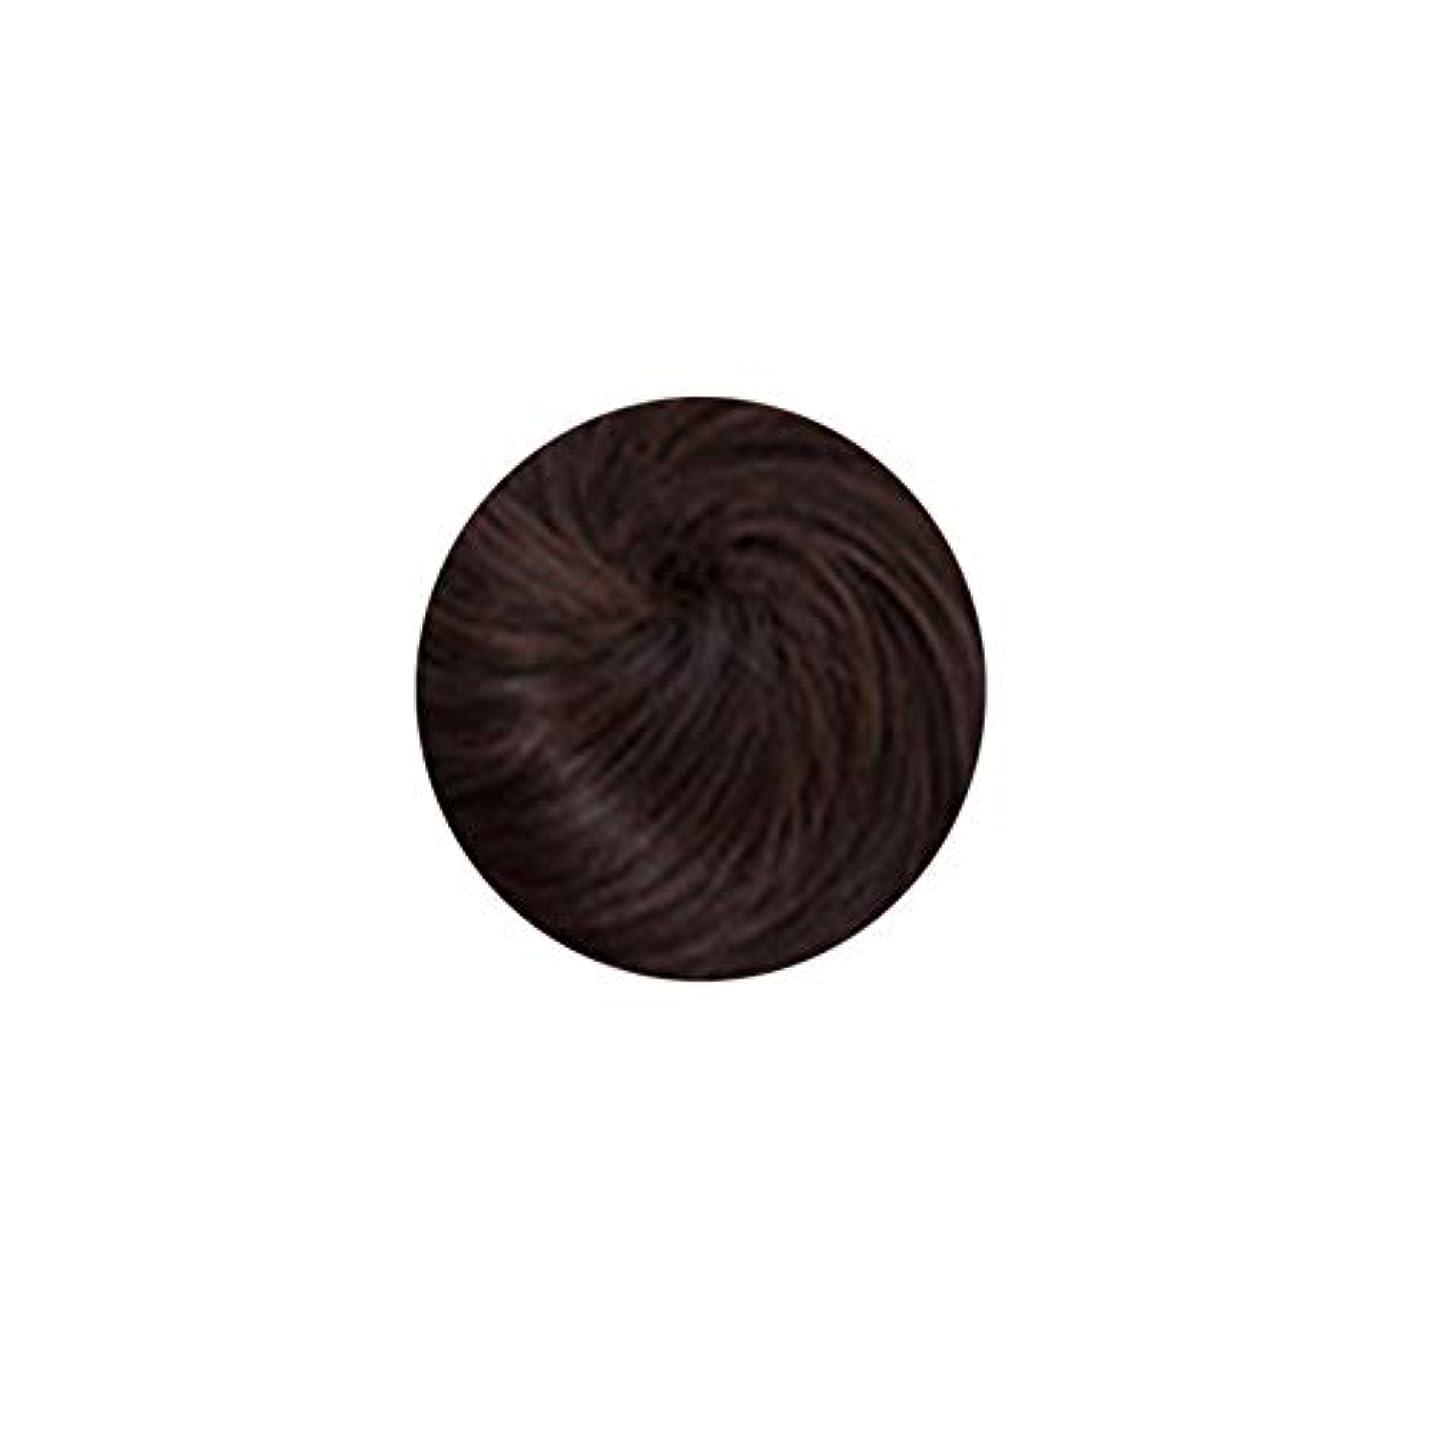 緑汚い弾力性のあるポニーテールパン毛リングロープバンドル人工毛パン髪ドーナツパンのかつらのかつらかわいい女性のフォルダ(ダークブラウン)で